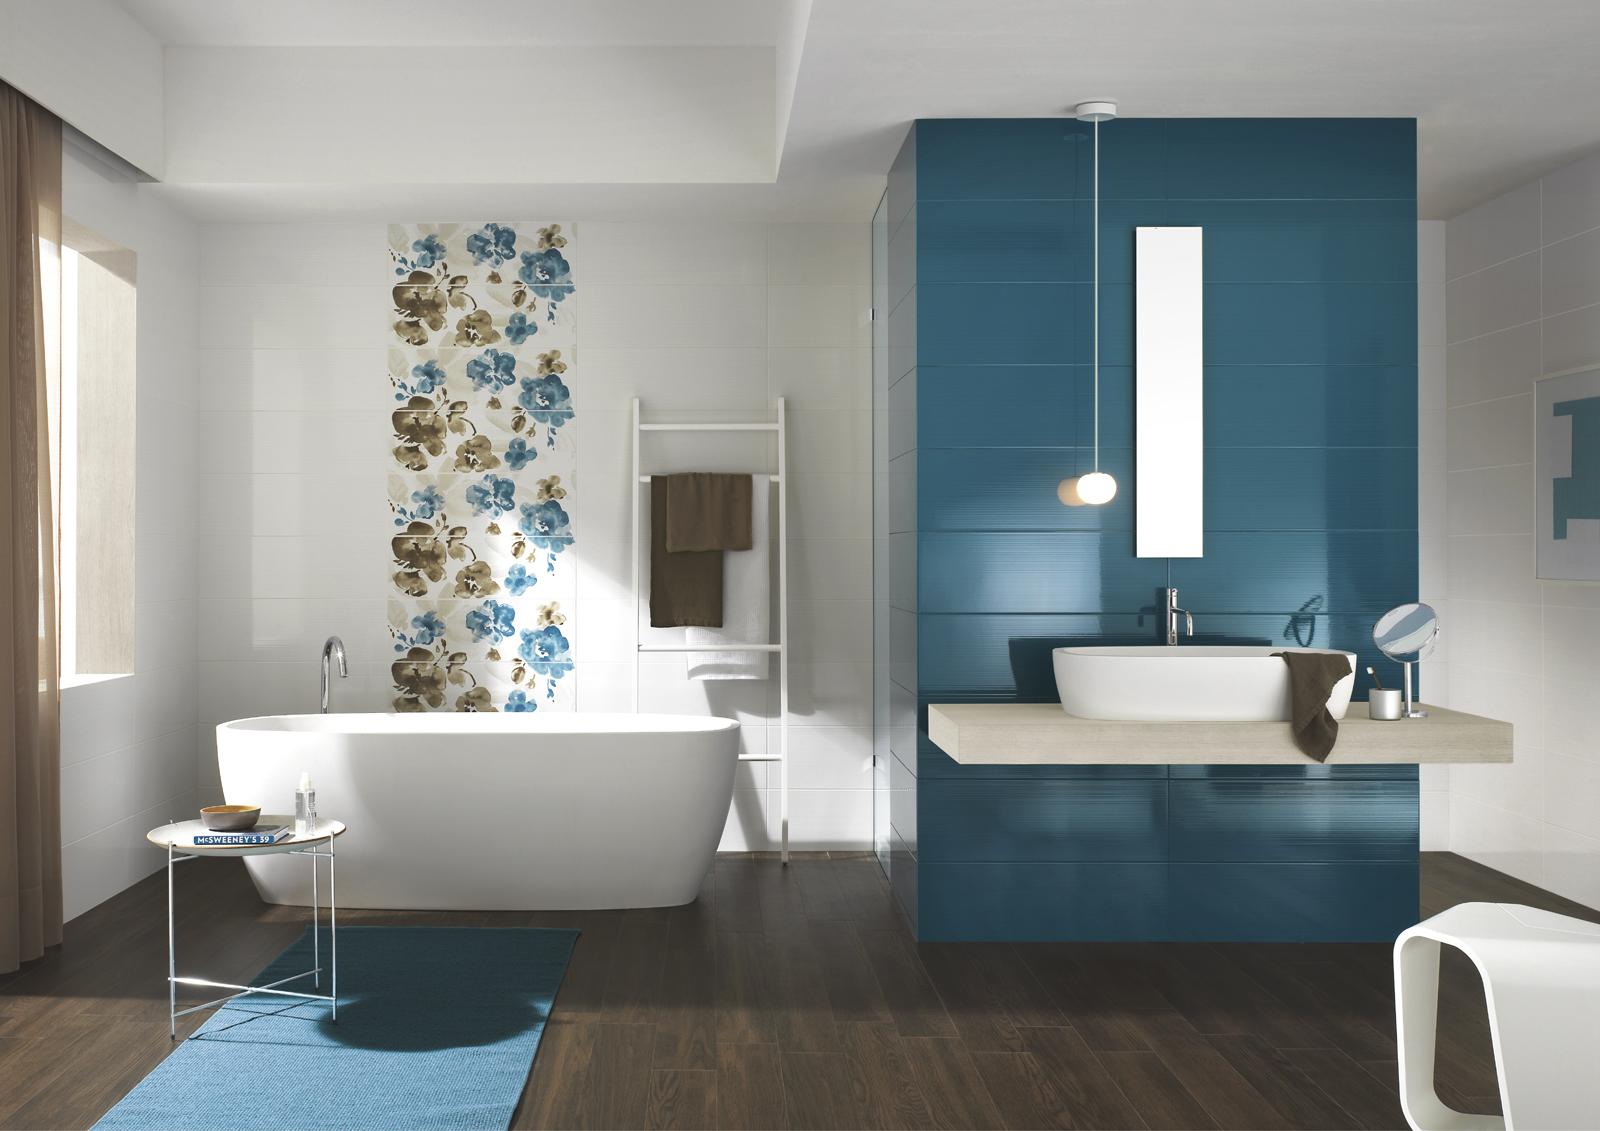 Collezione smart piastrelle colorate per bagno ragno for Piastrelle per bagno